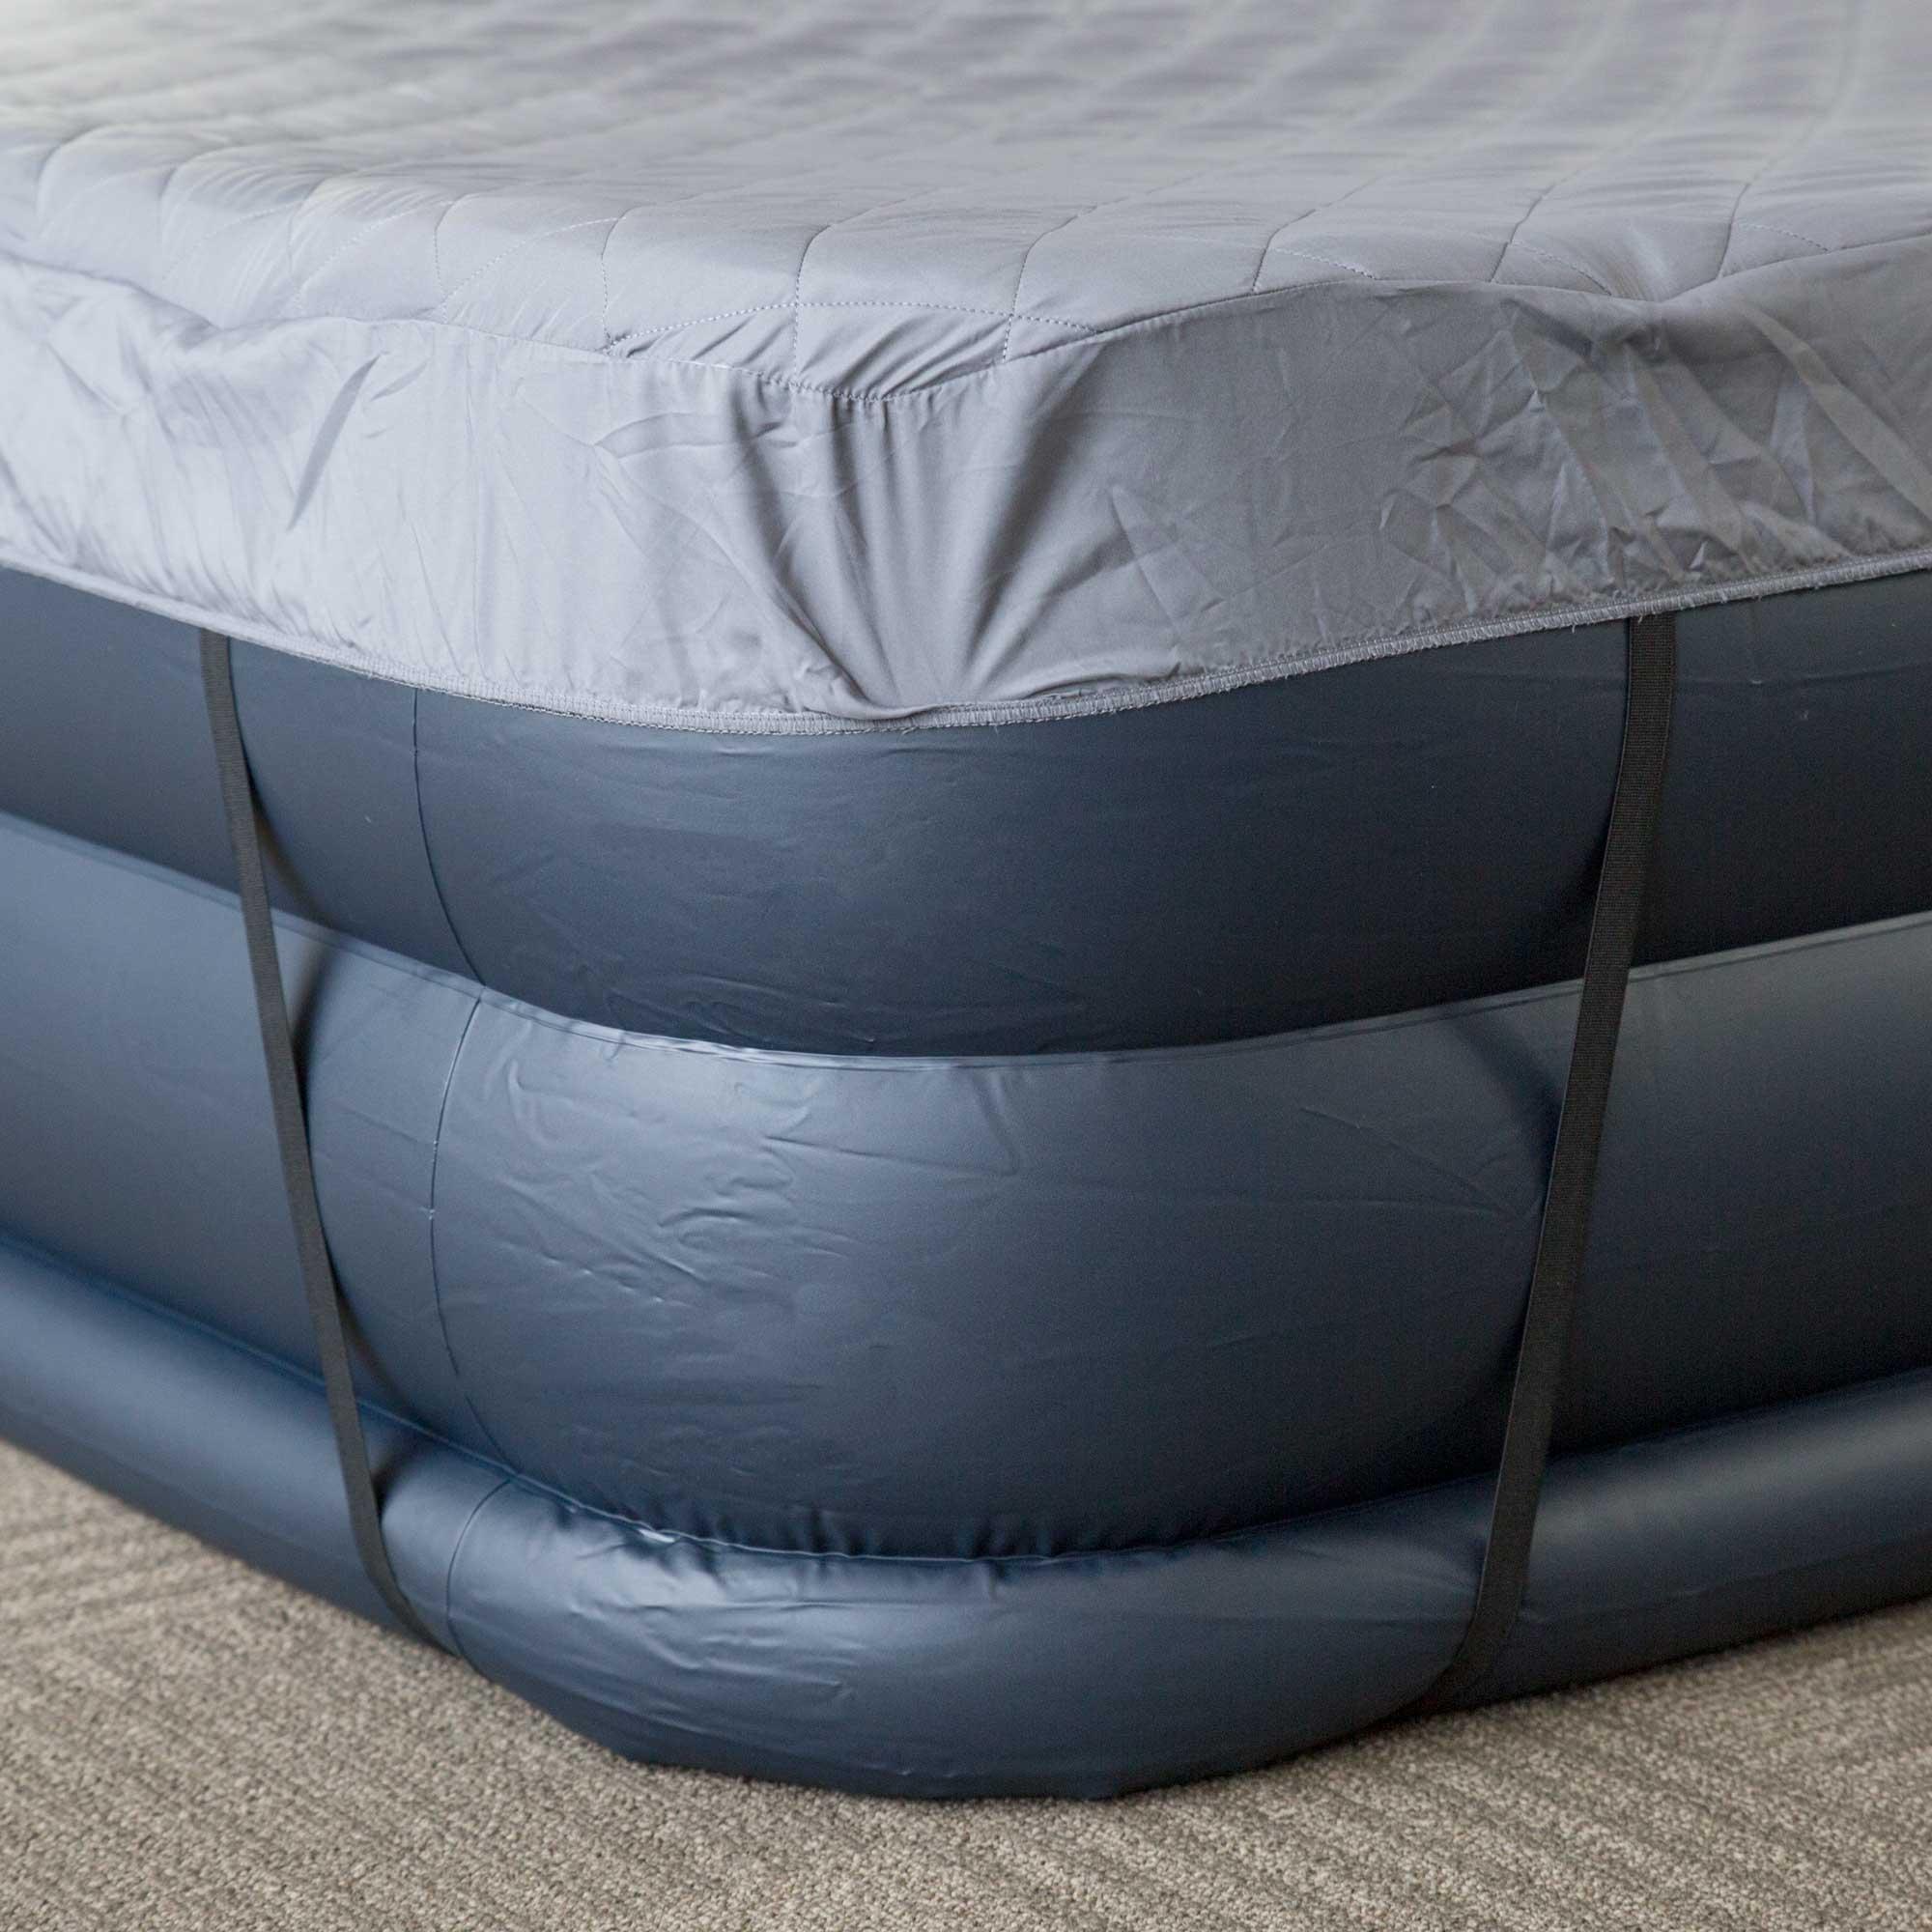 Intex Deluxe Queen Raised Pillow Air Mattress With Built